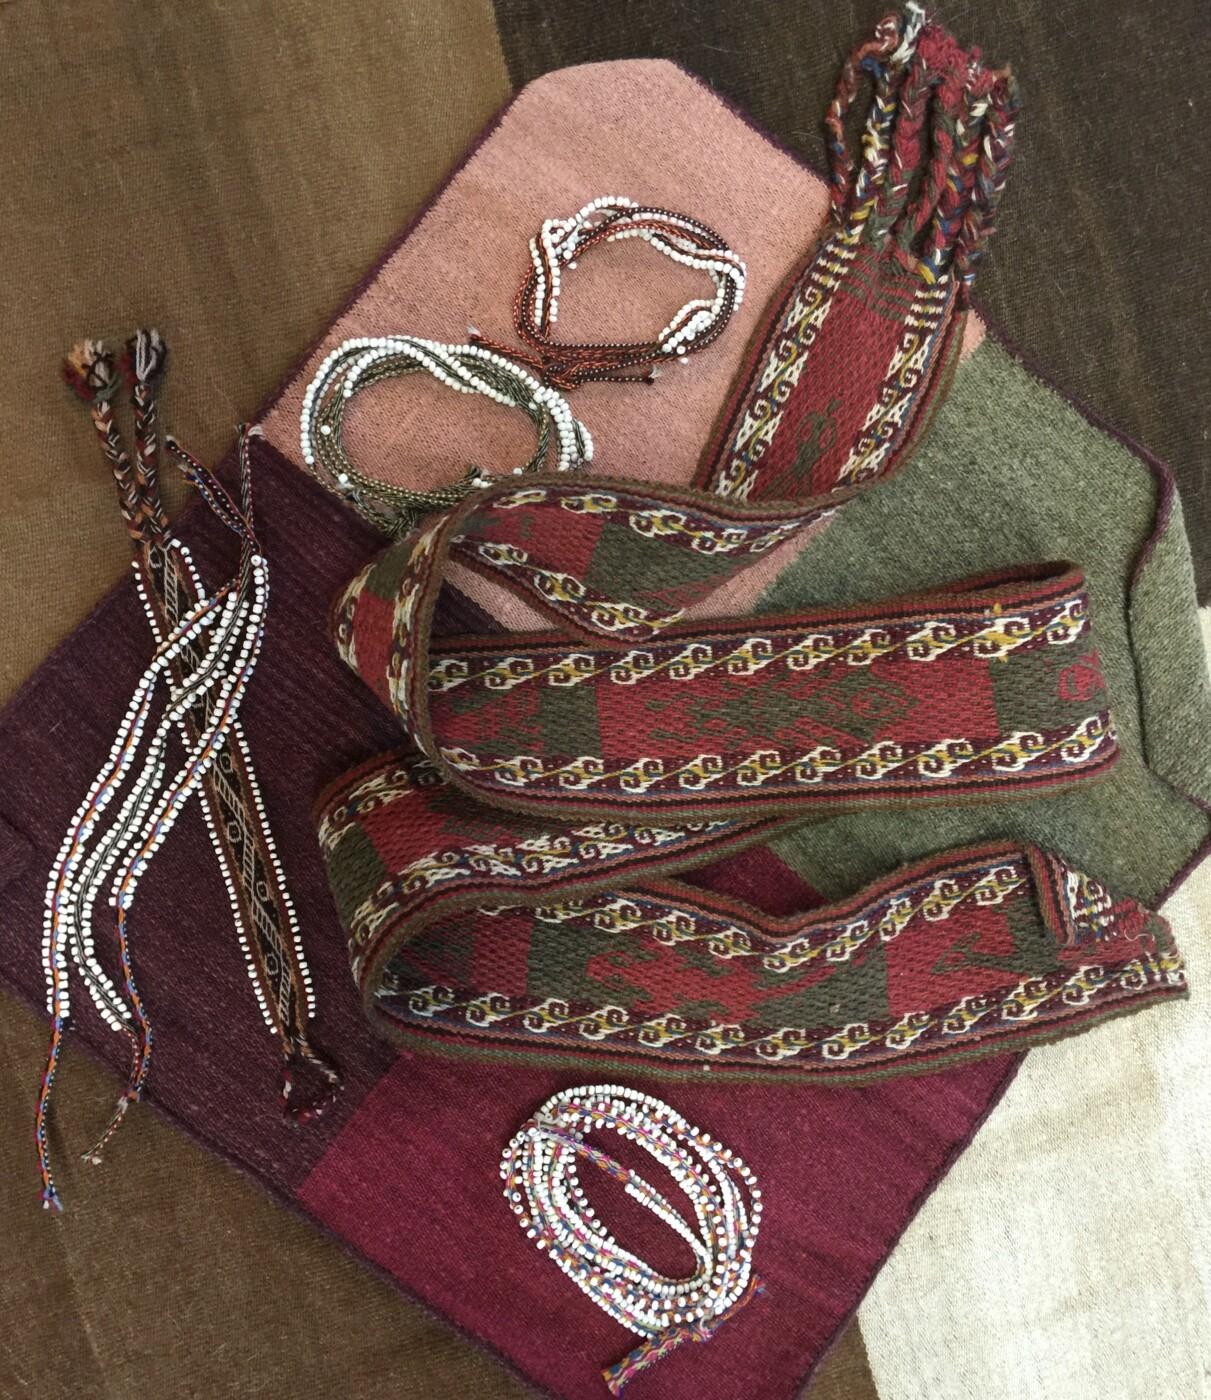 Peruvian Woven Belts, Watana Wrist and Boot Wraps